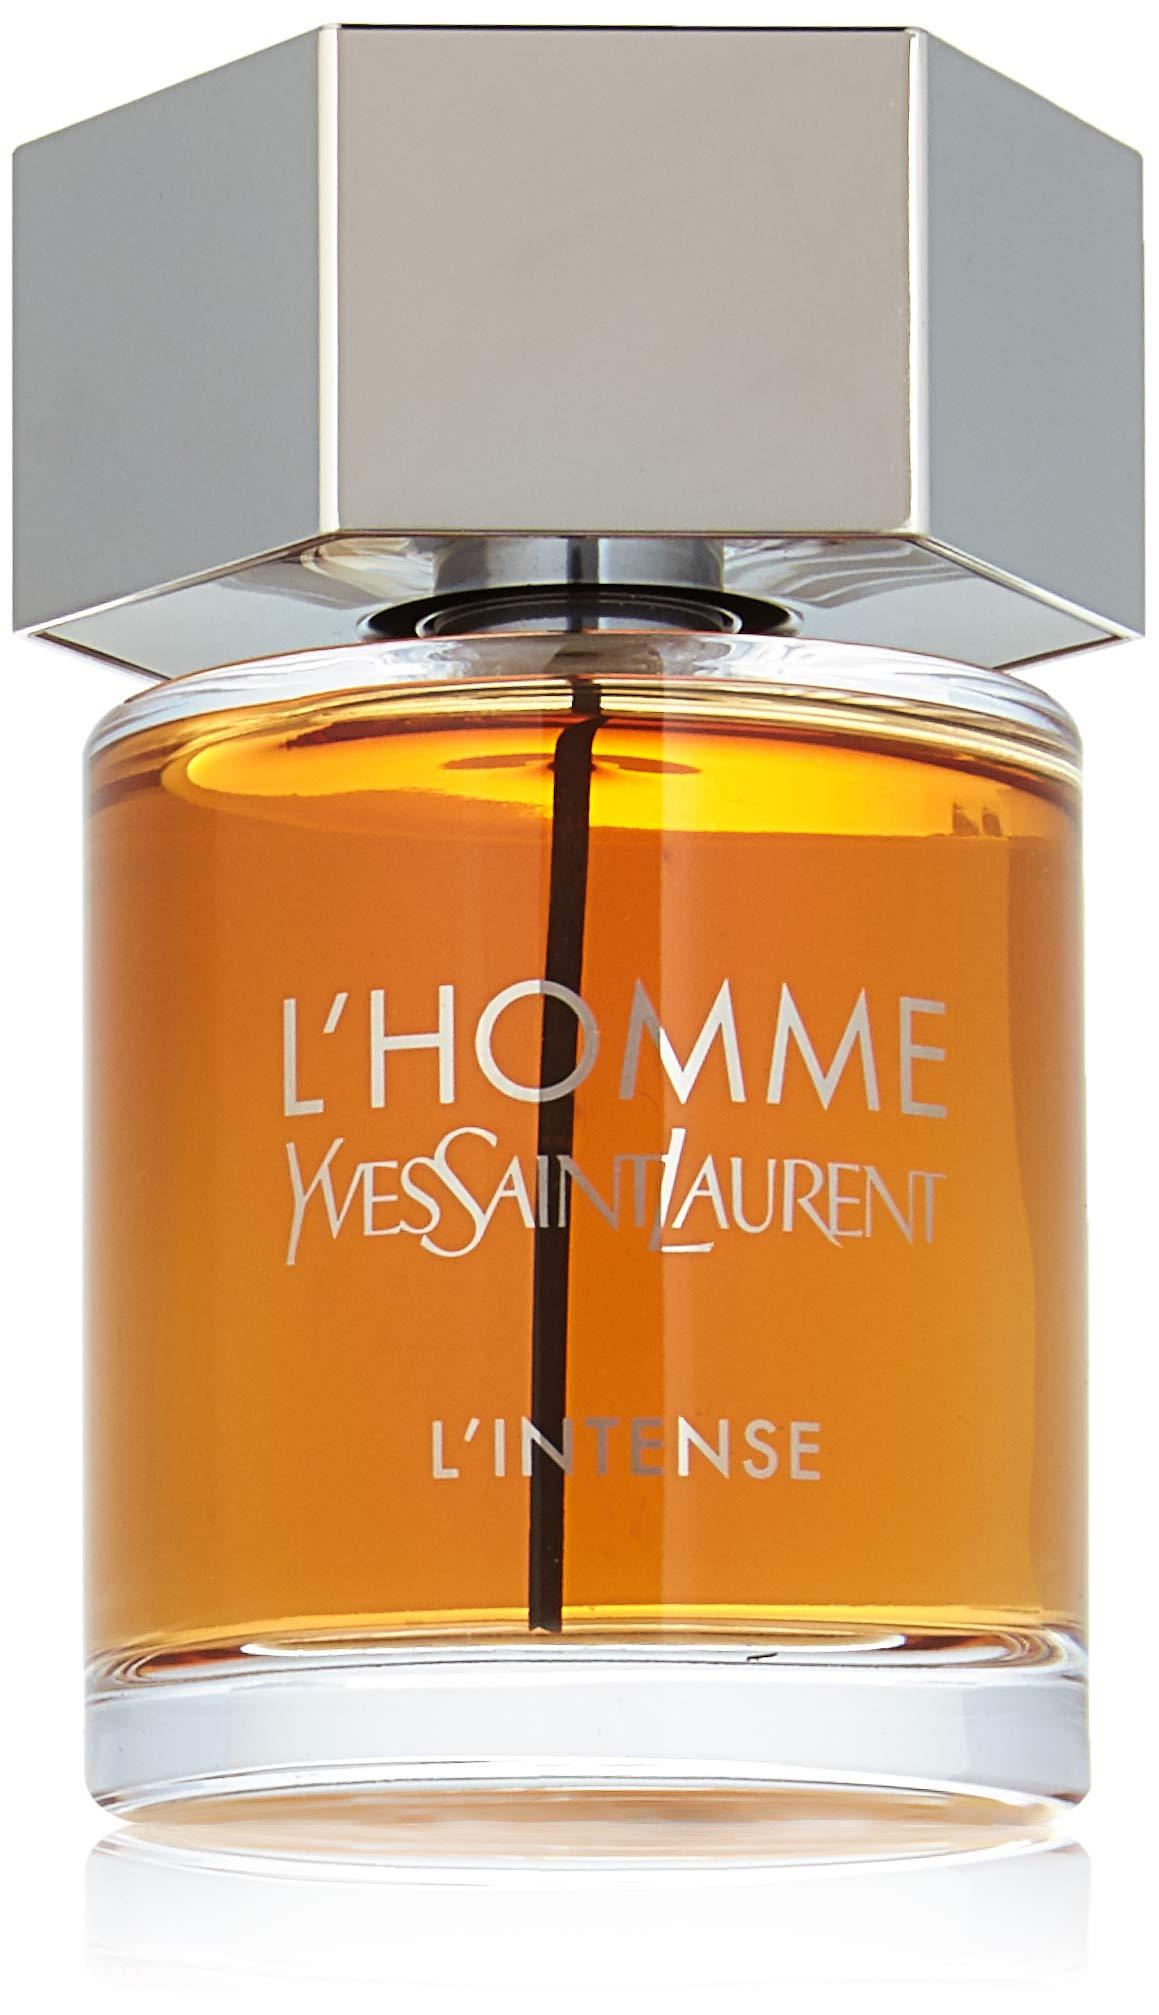 Yves Saint Laurent L'homme Intense for Men Eau De Parfum Spray, 3.3 Ounce